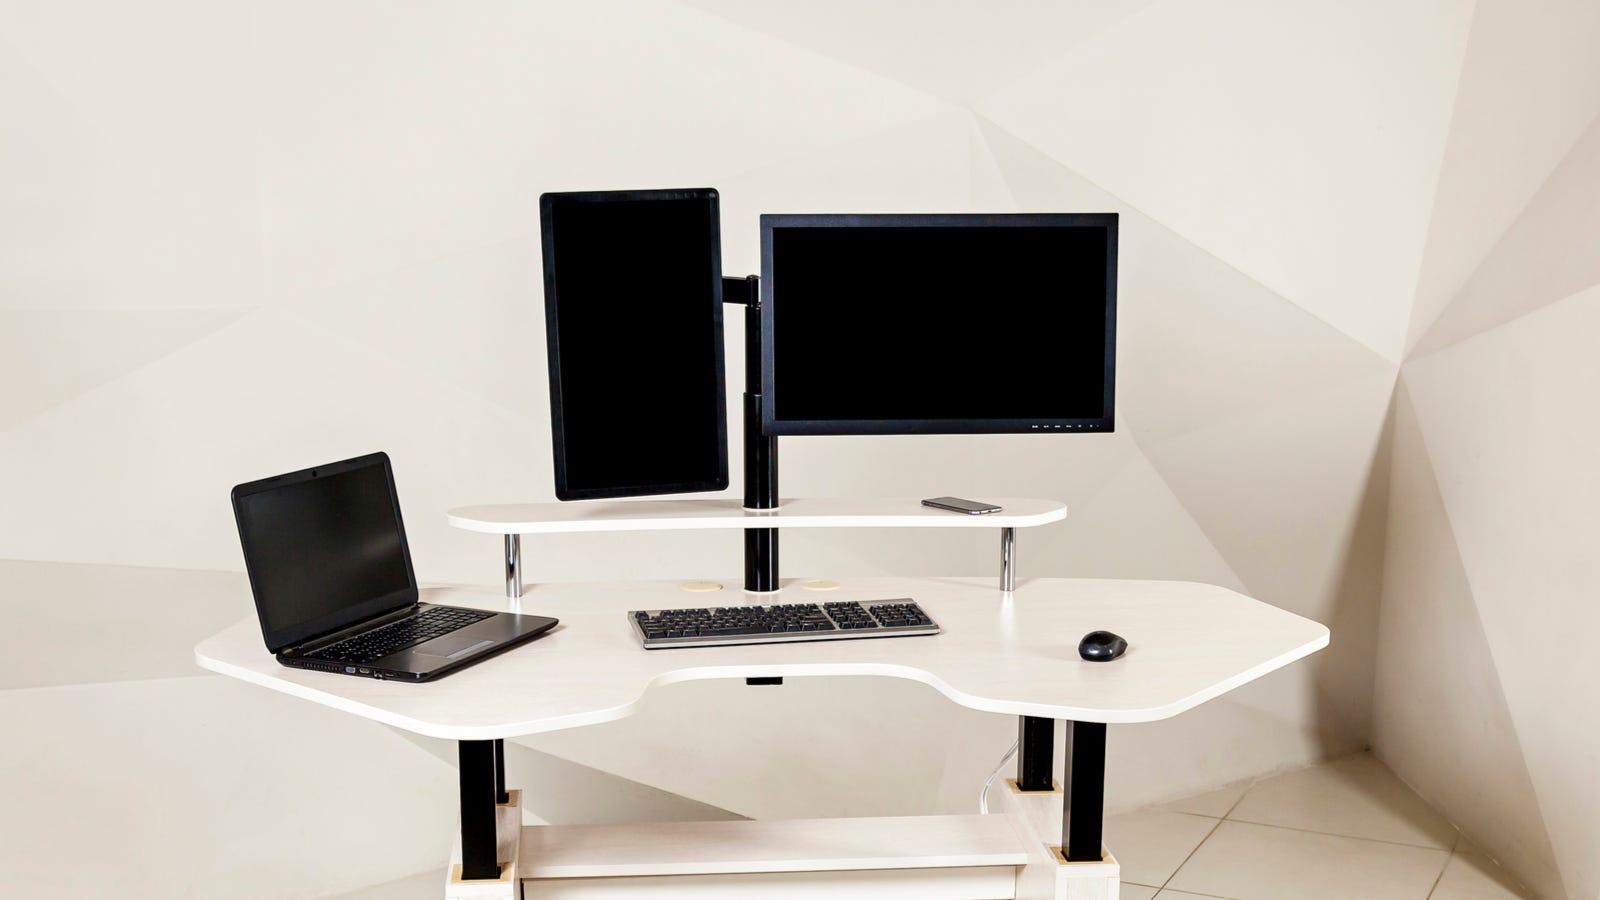 ¿Cómo debería organizar una configuración de varios monitores? 12